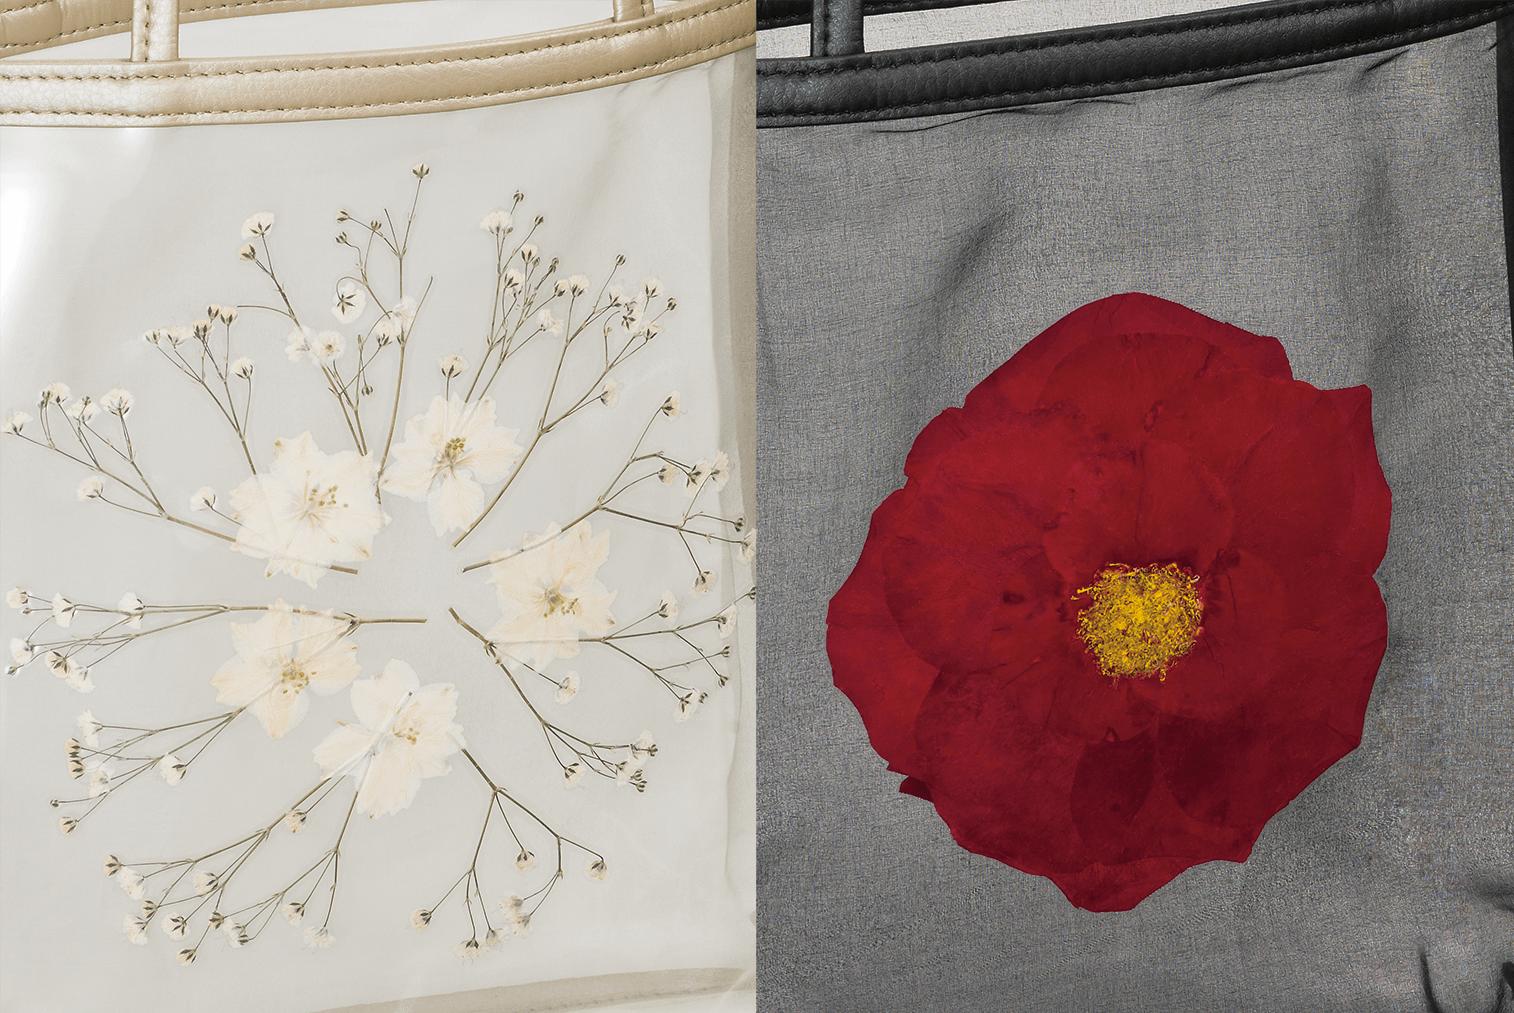 ハナキャンバスの花部分拡大画像